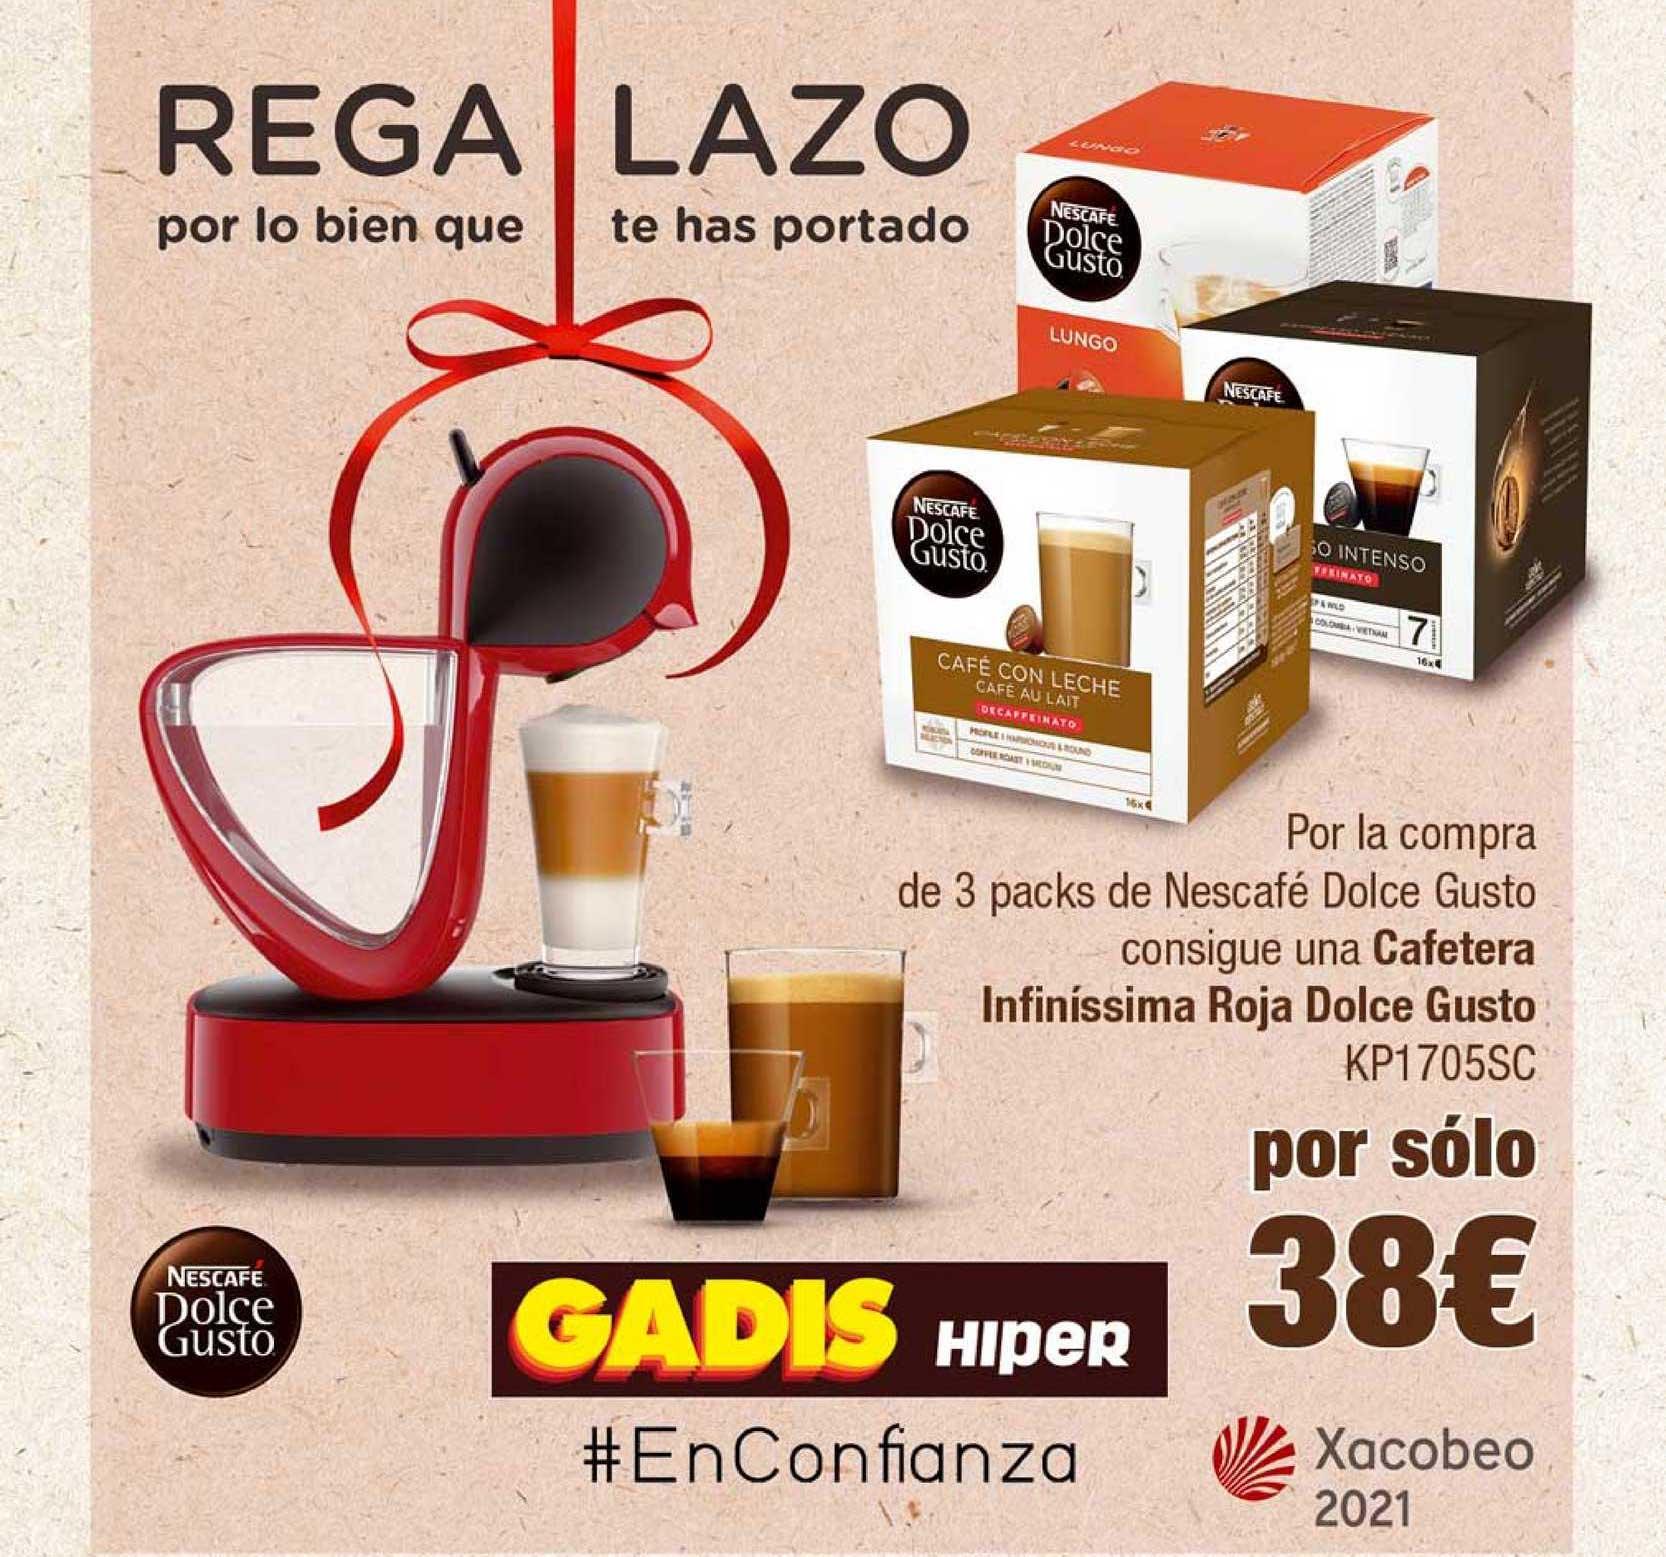 Gadis Regalazo Por La Compra De 3 Packs De Nescafé Dolce Gusto Consigue Una Cafetera Infinissima Roja Dolce Gusto Kp1705sc